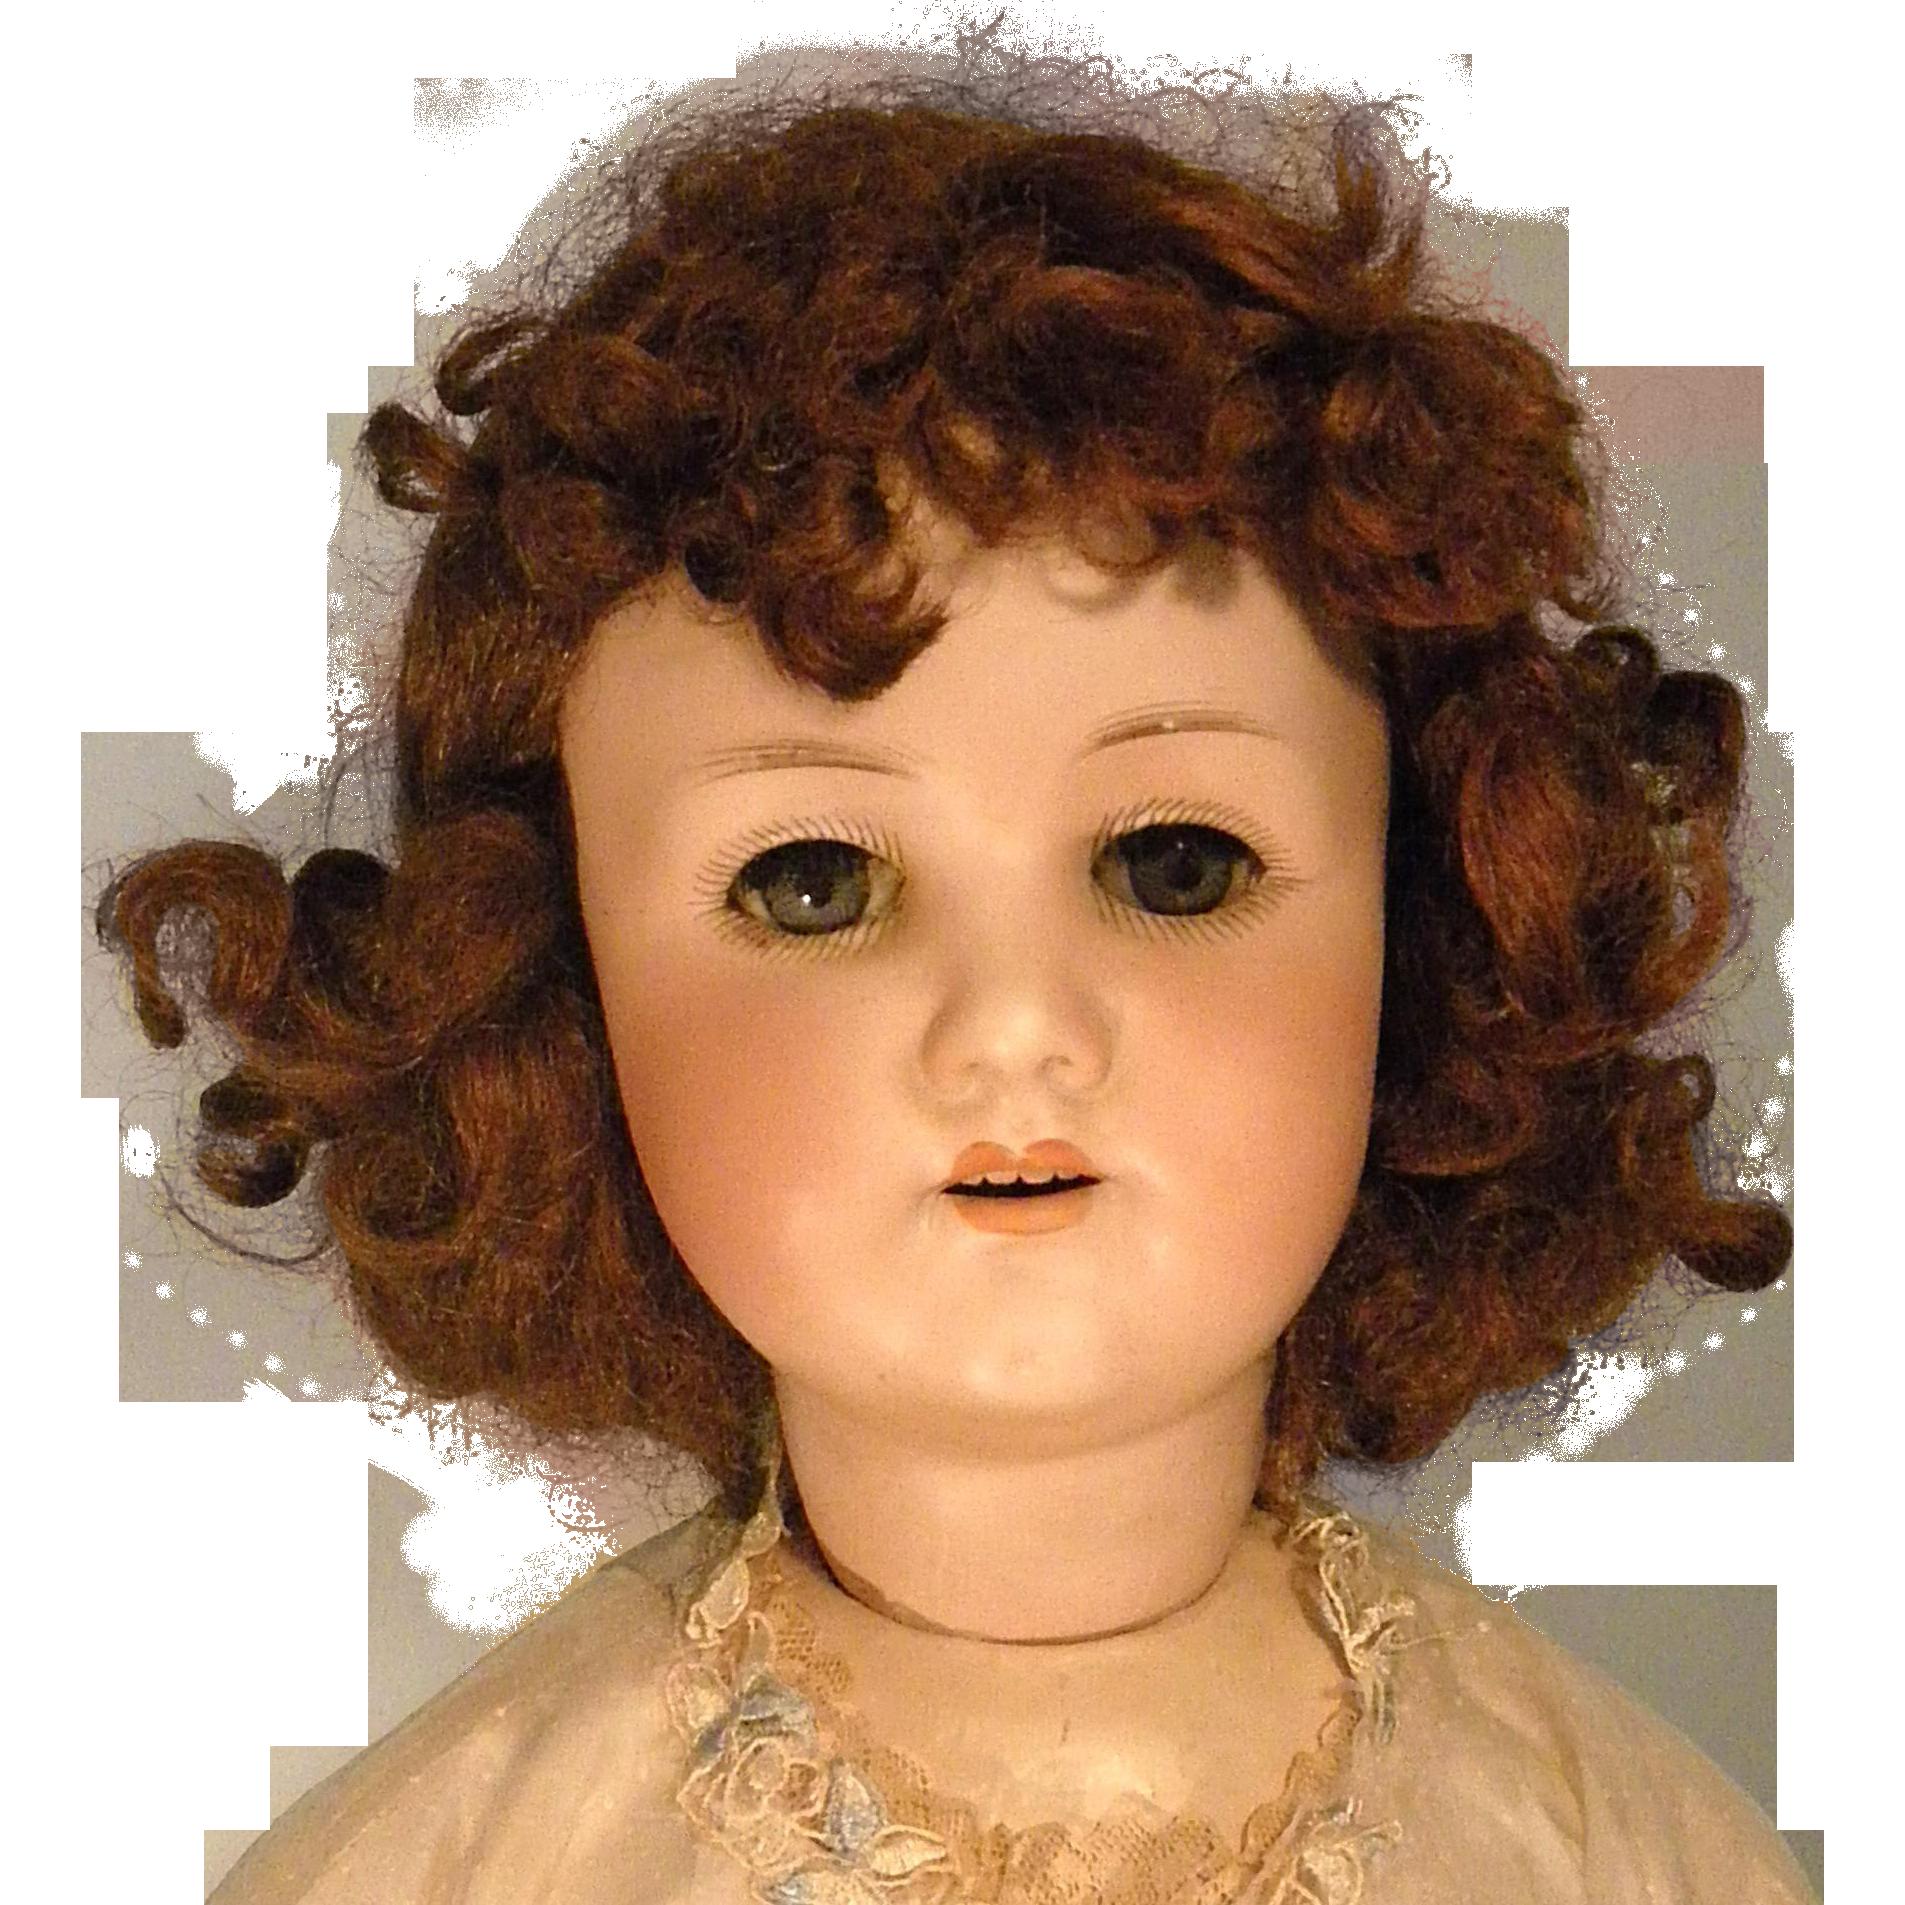 Heubach Kopplesdorf Walkure Doll